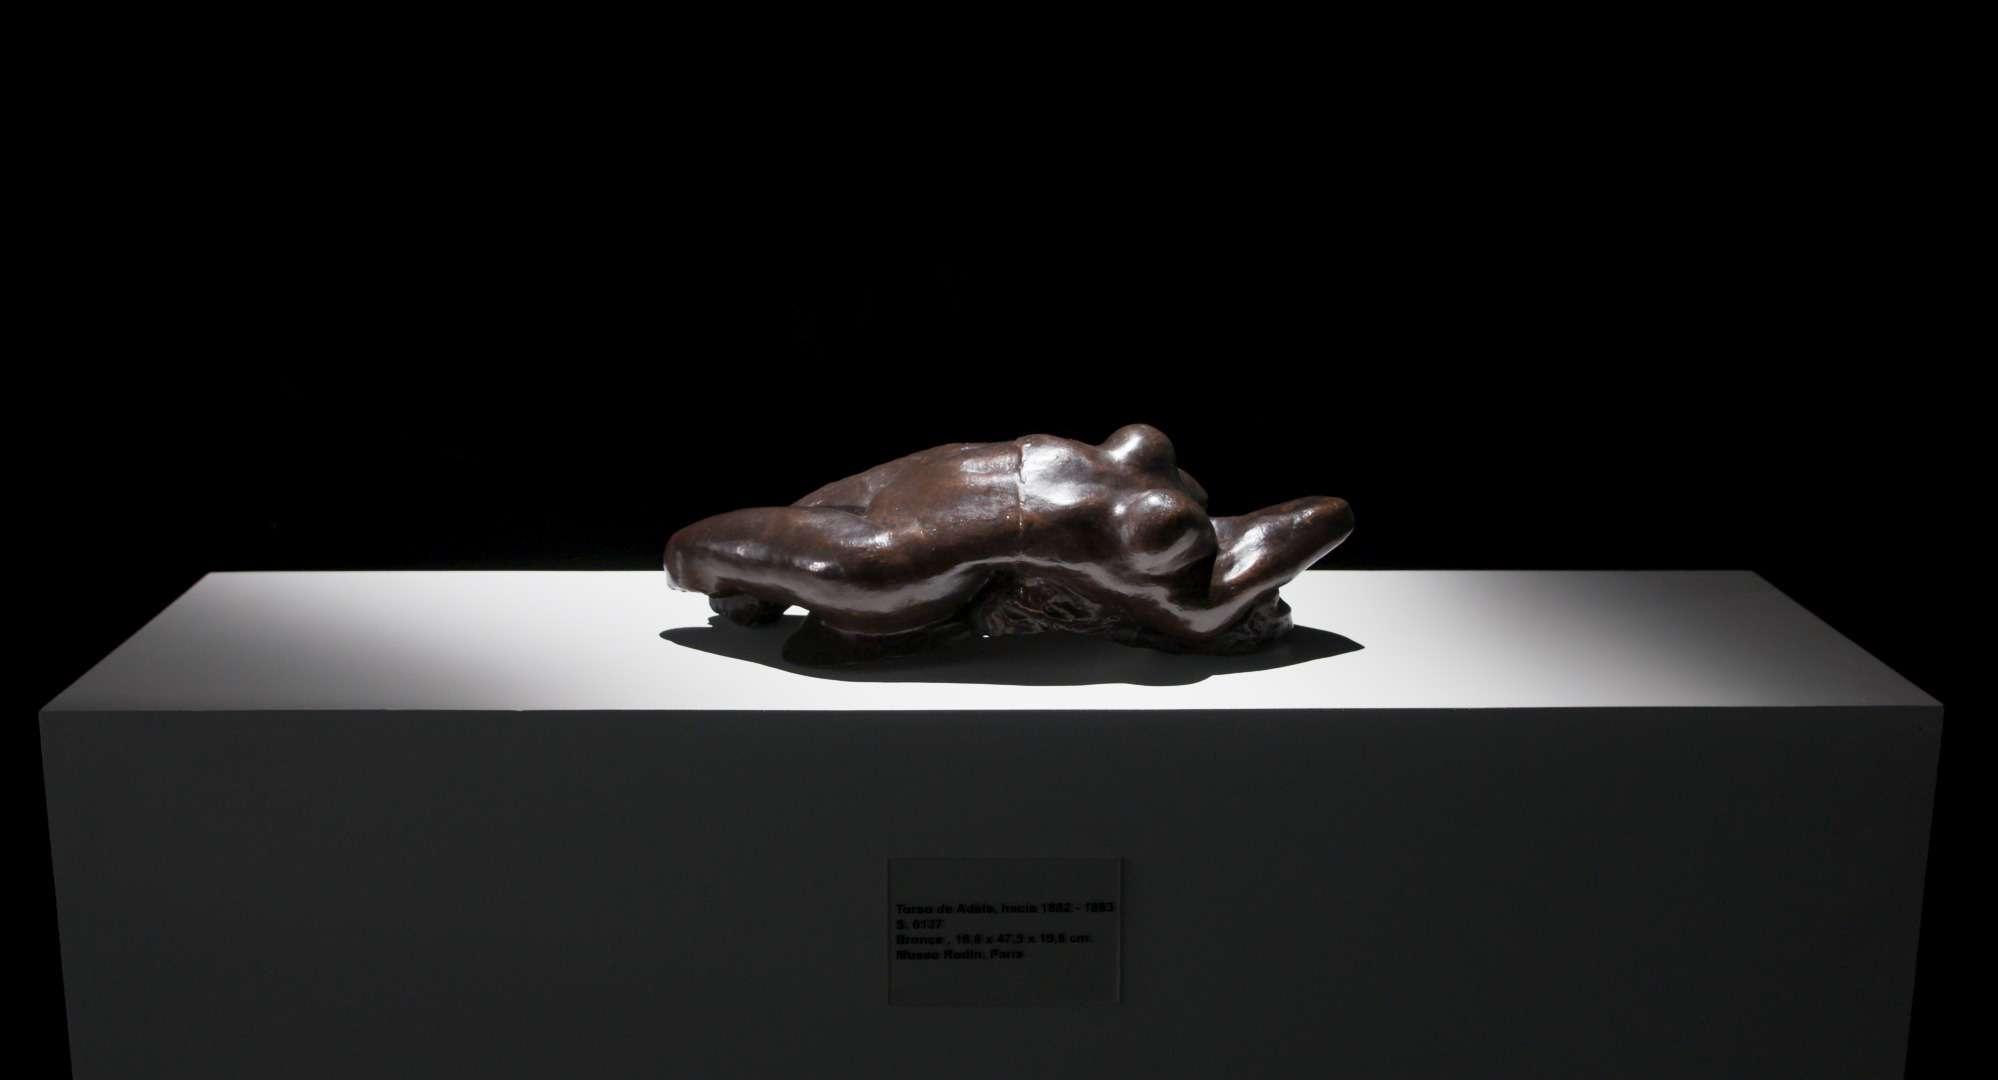 La escultura que fue sacada desde el Museo Nacional de Bellas Artes.